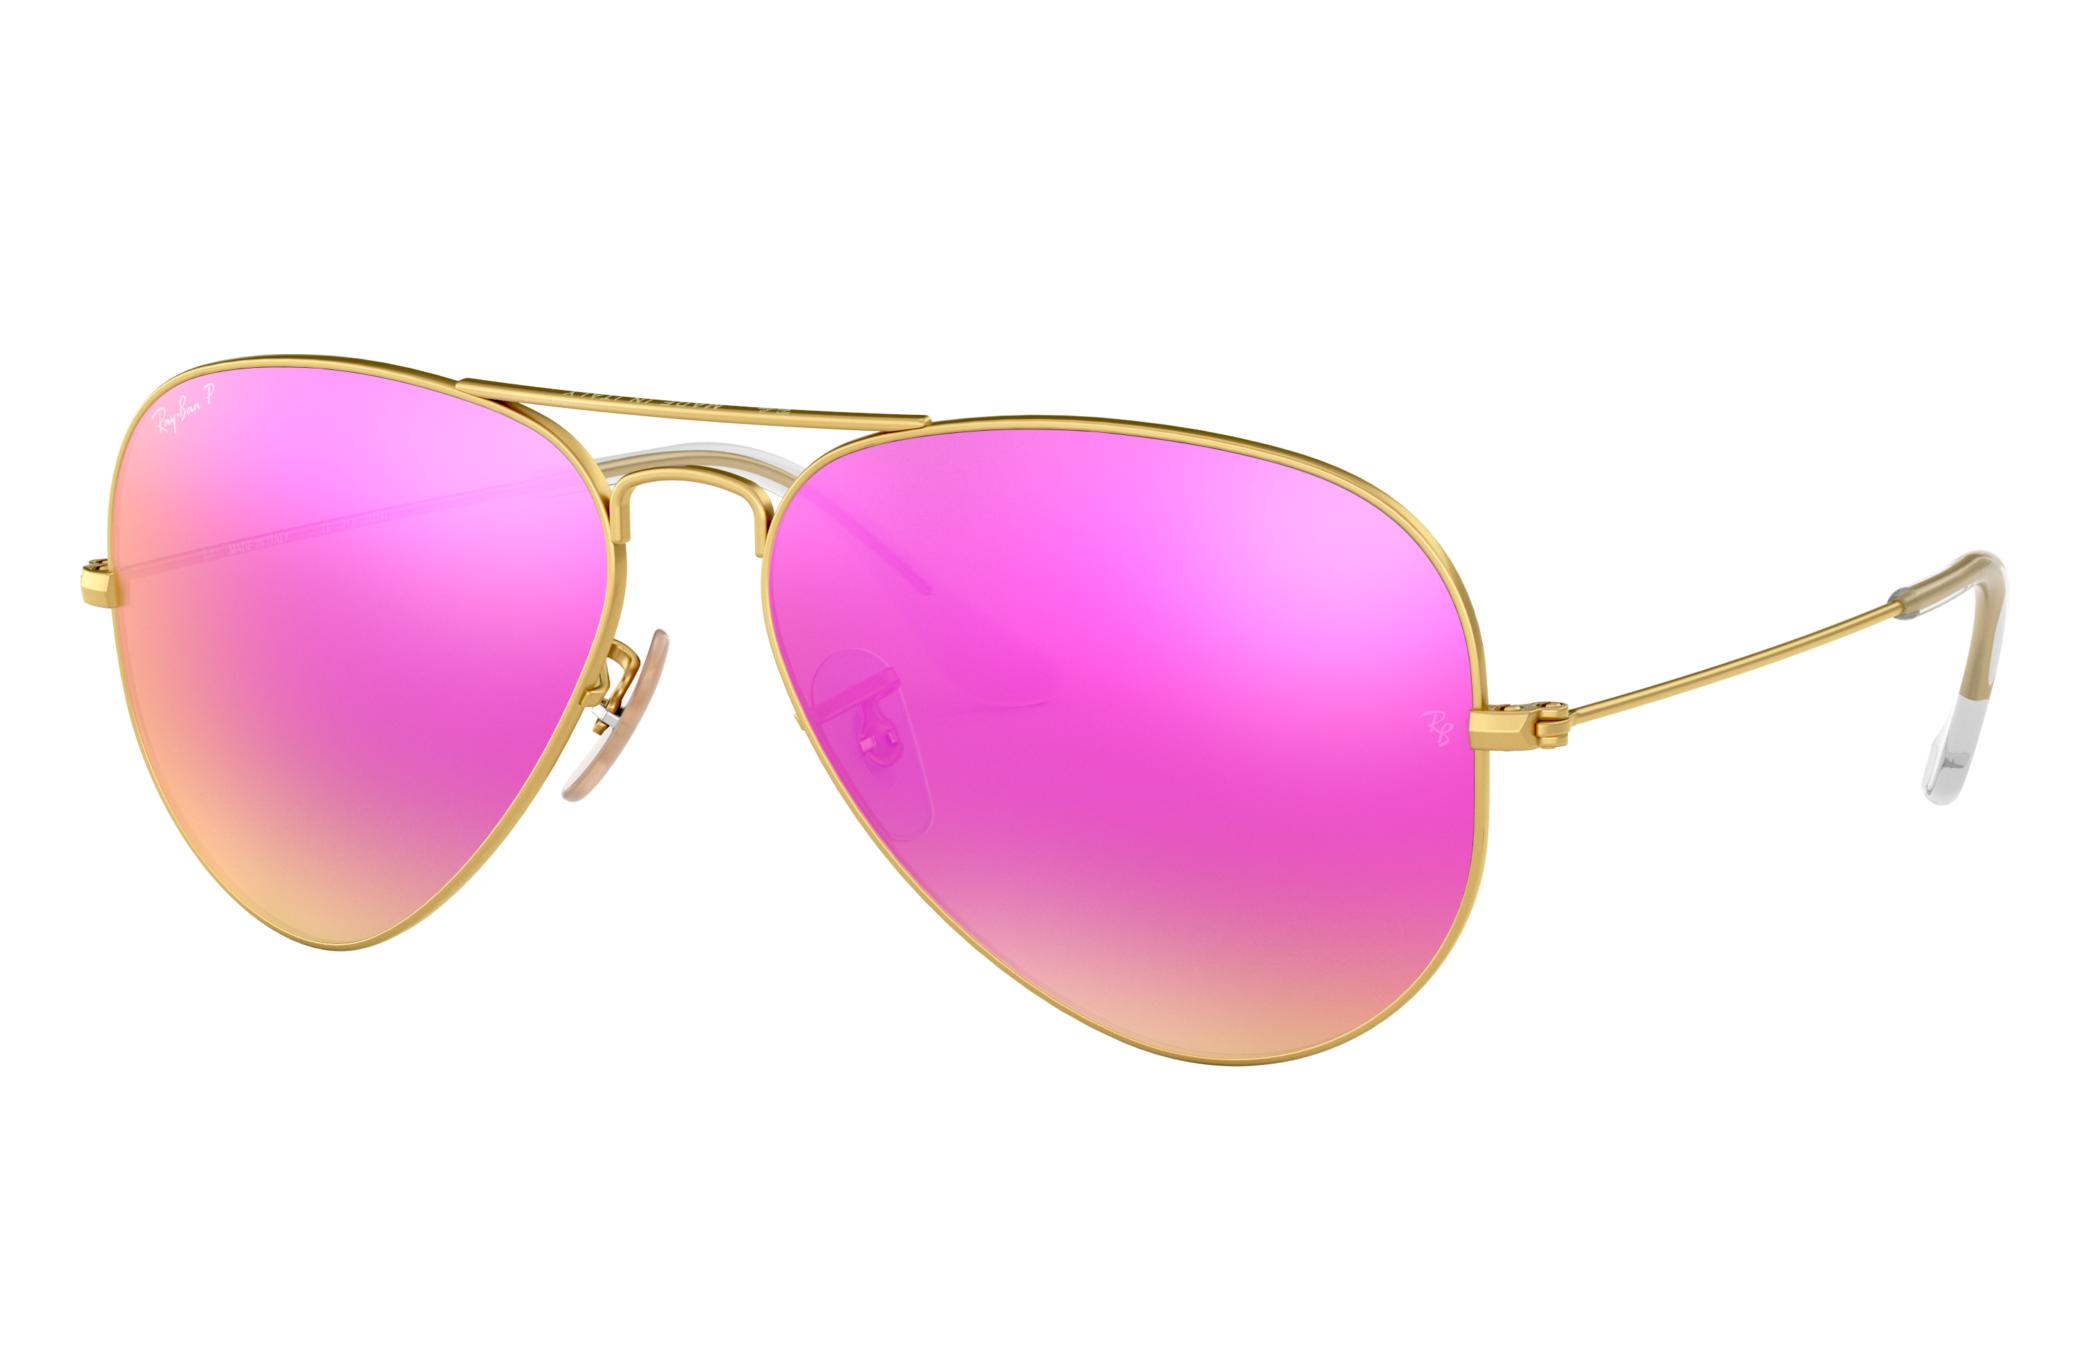 Ray-Ban Aviator Flash Lenses Gold, Polarized Violet Lenses - RB3025